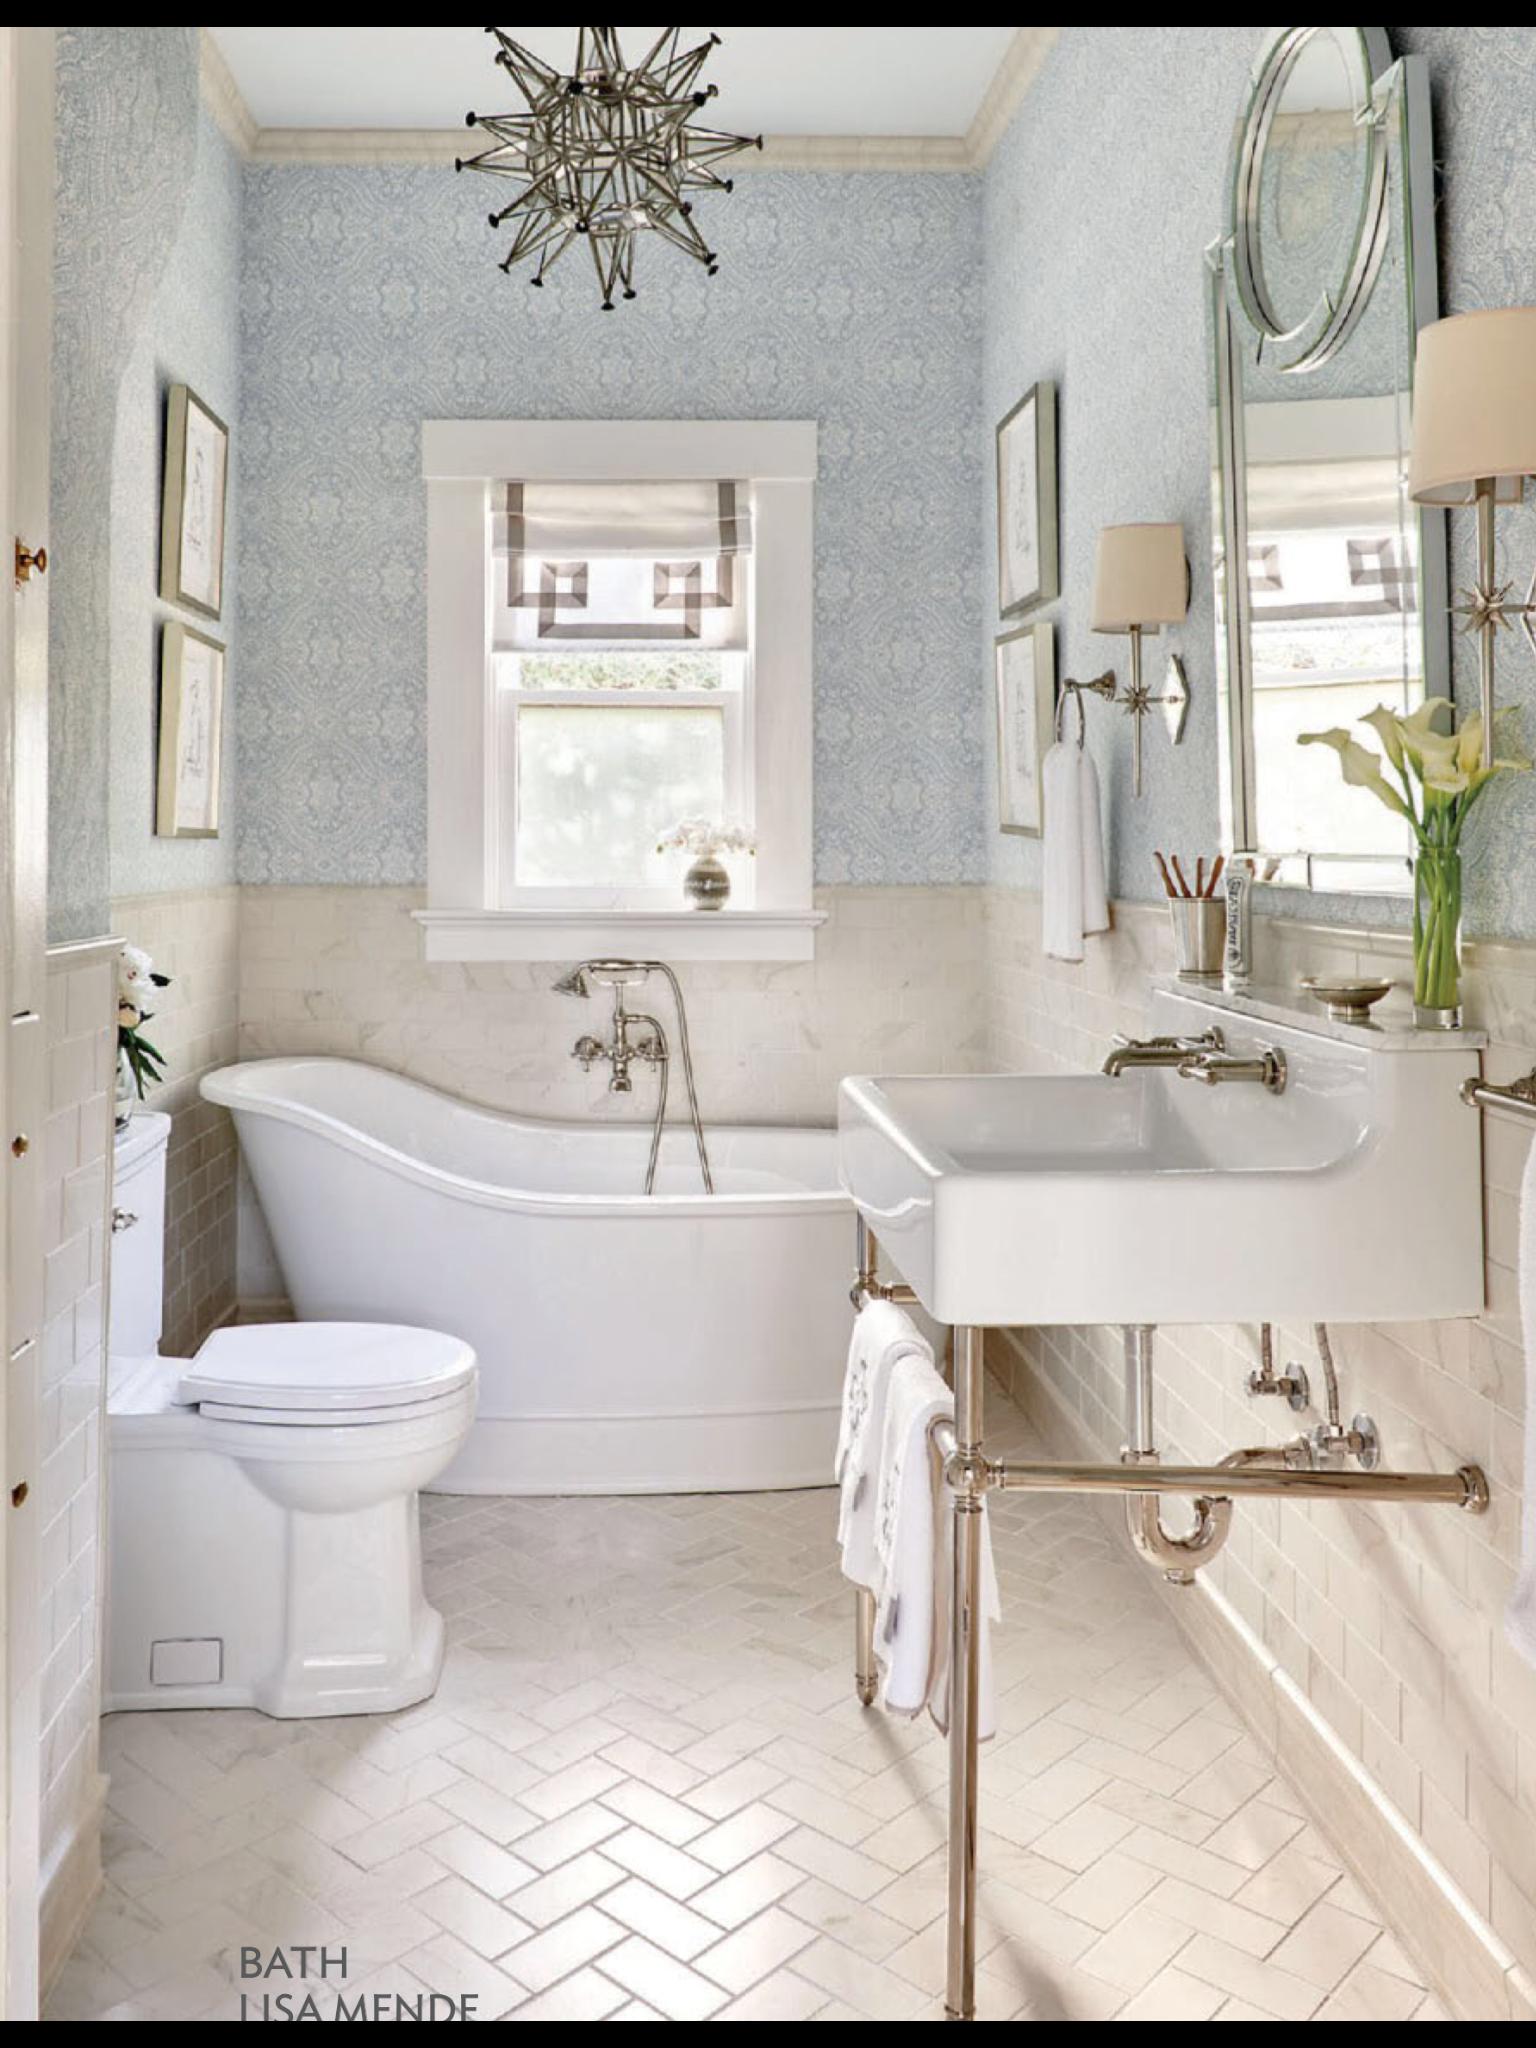 Pin by Dana Lloyd on Bathroom | Pinterest | Lake decor, Bathroom ...